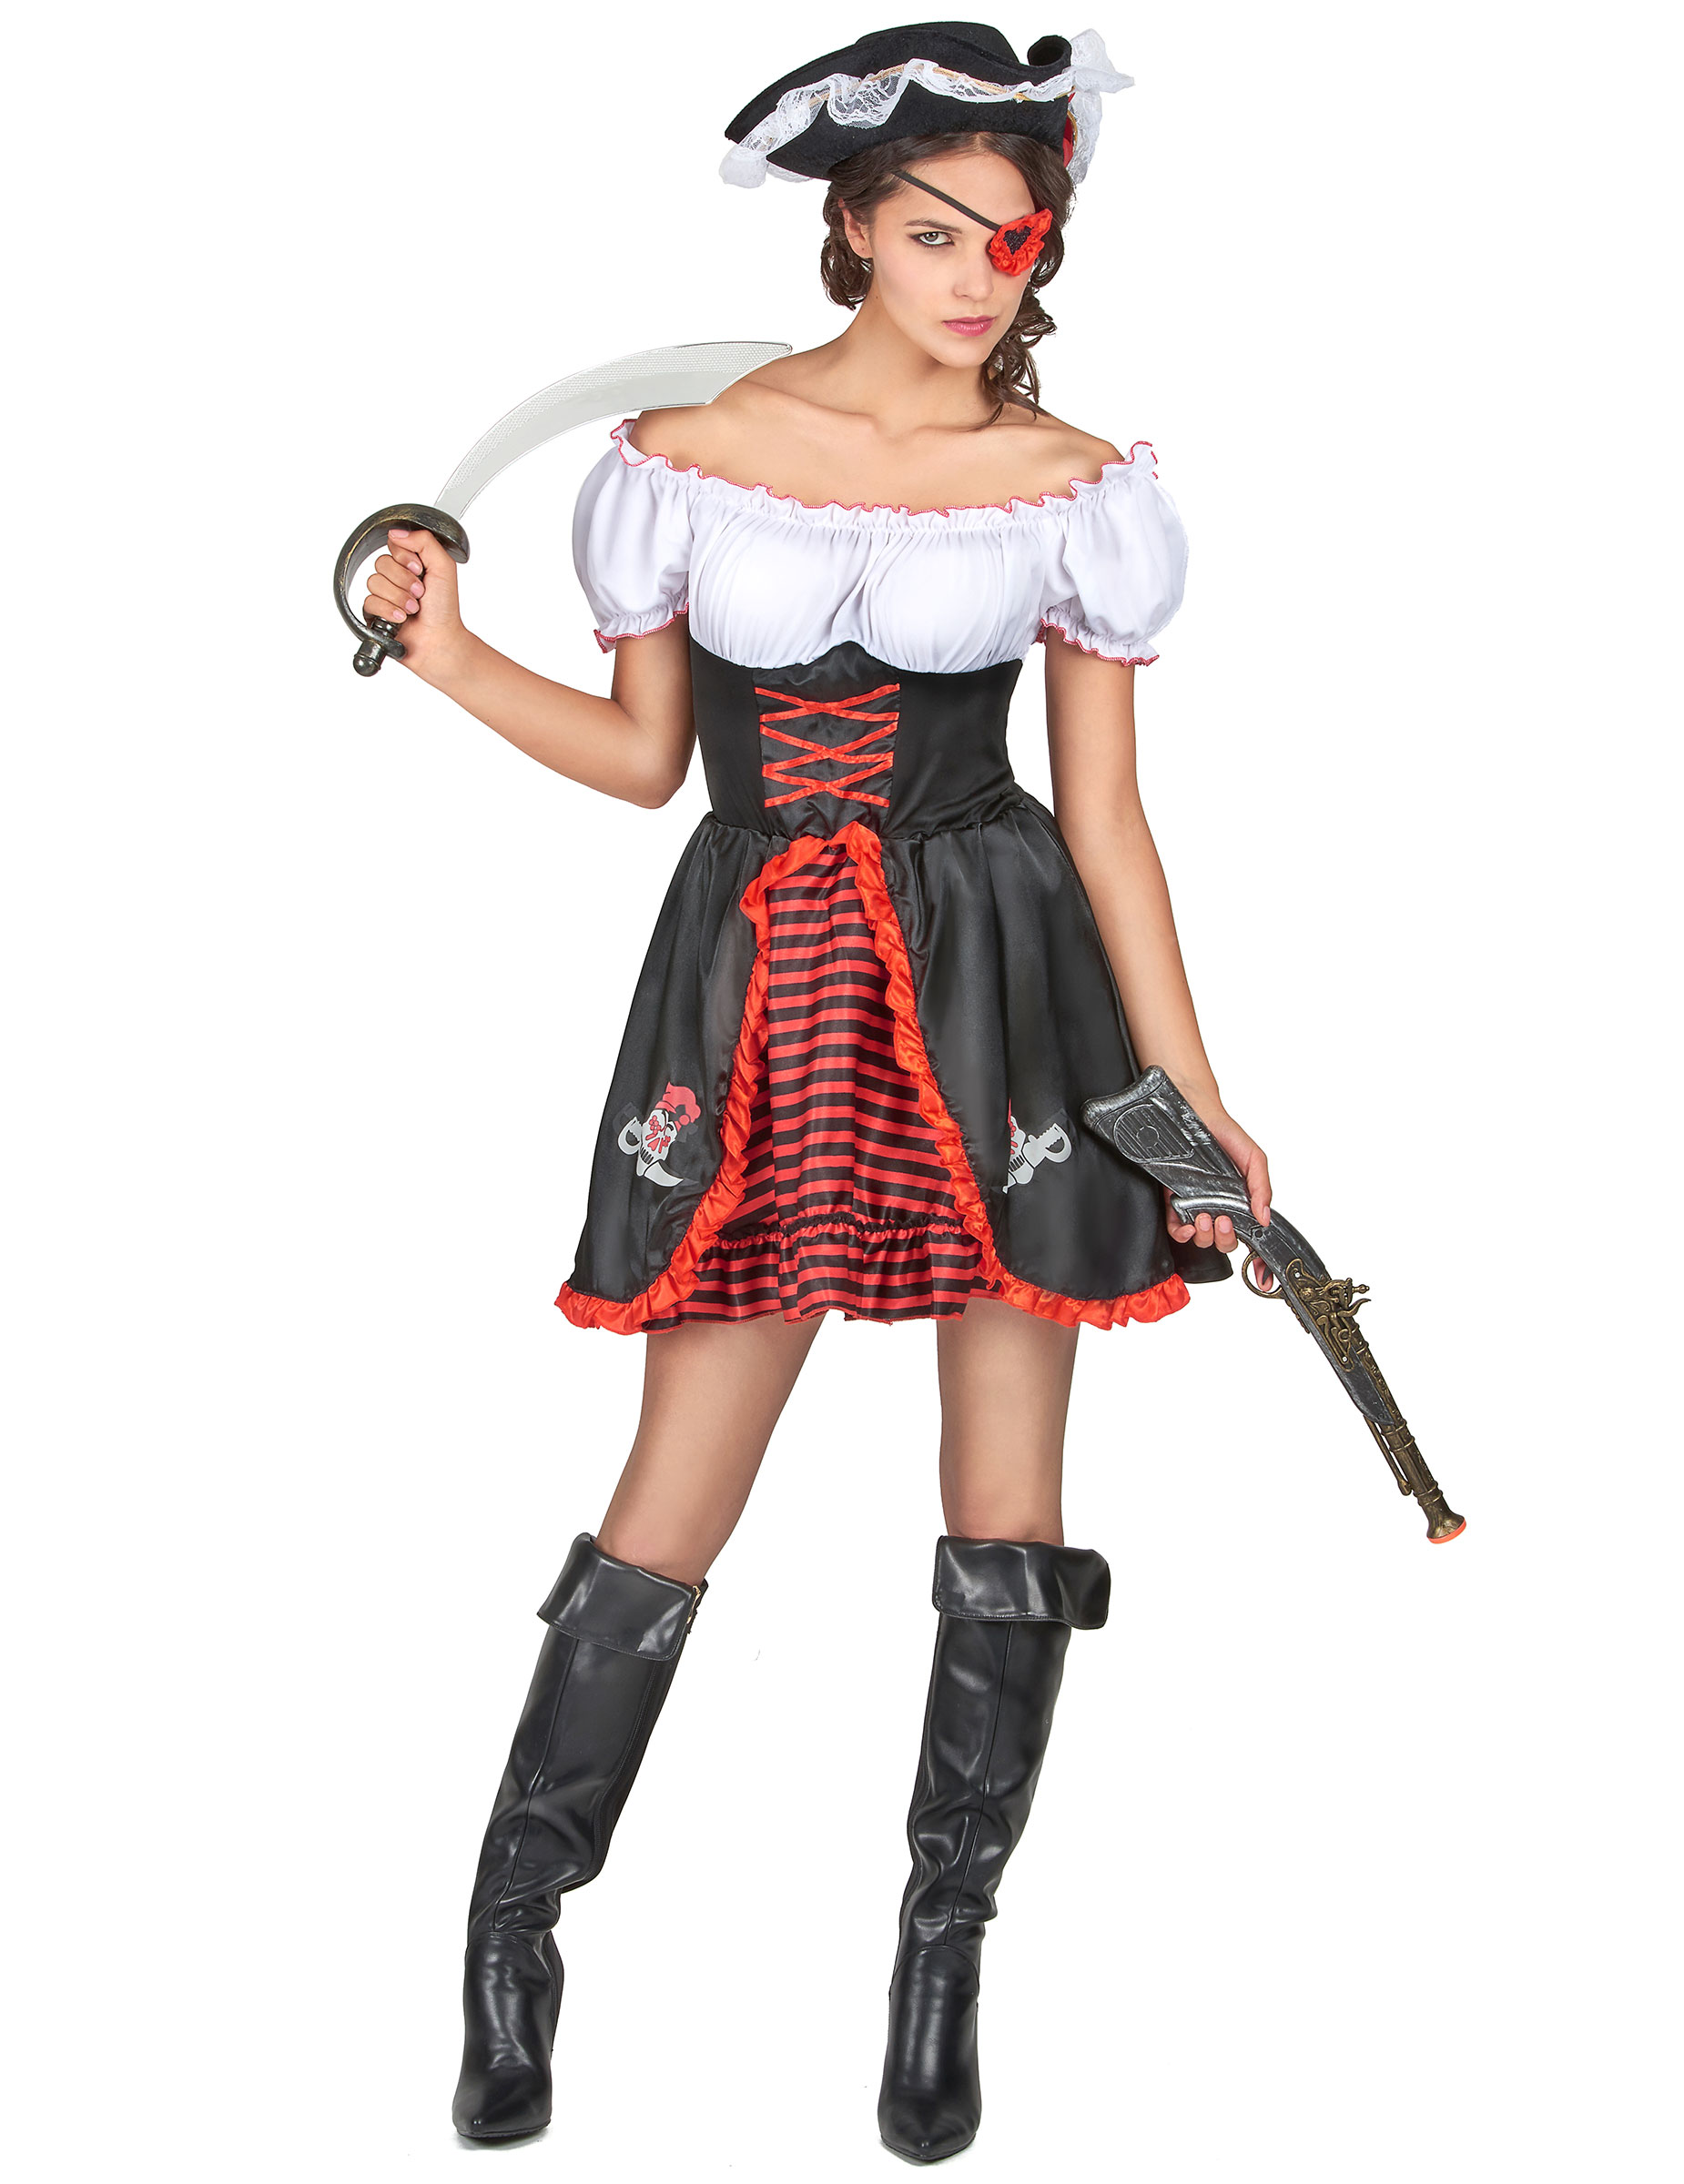 Disfraz de pirata para mujer - Disfraz de pirata para